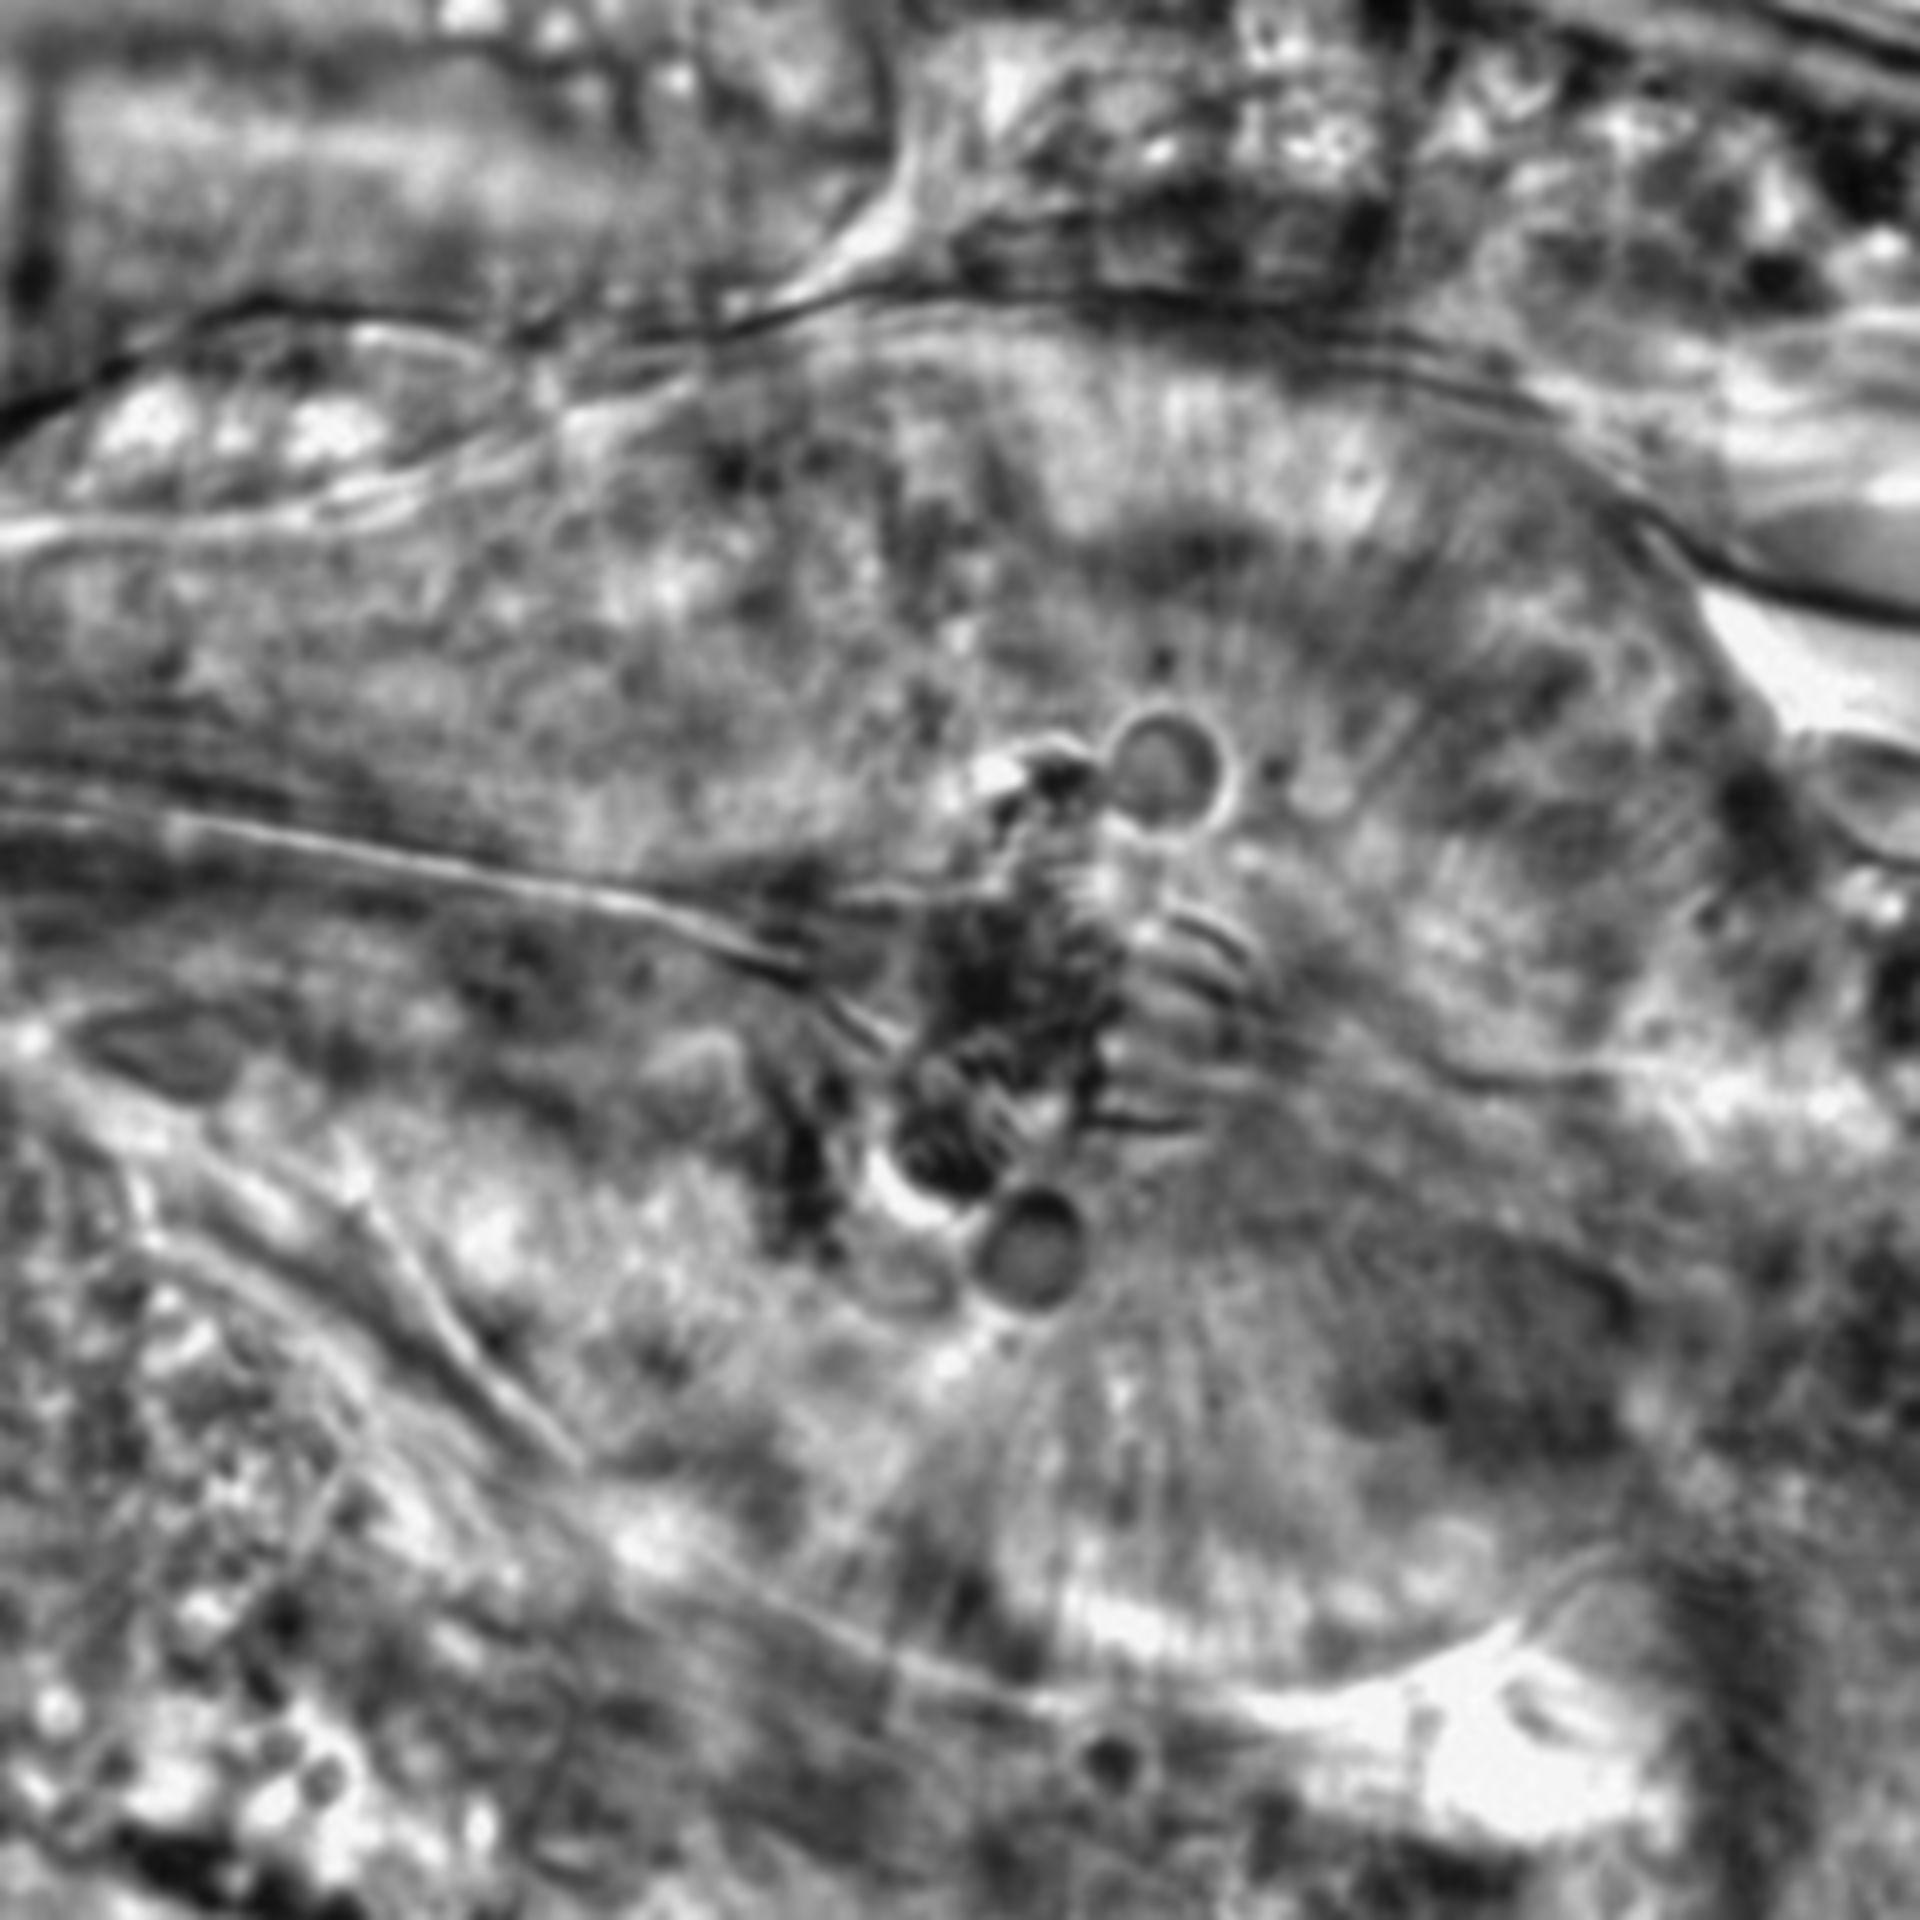 Caenorhabditis elegans - CIL:2164